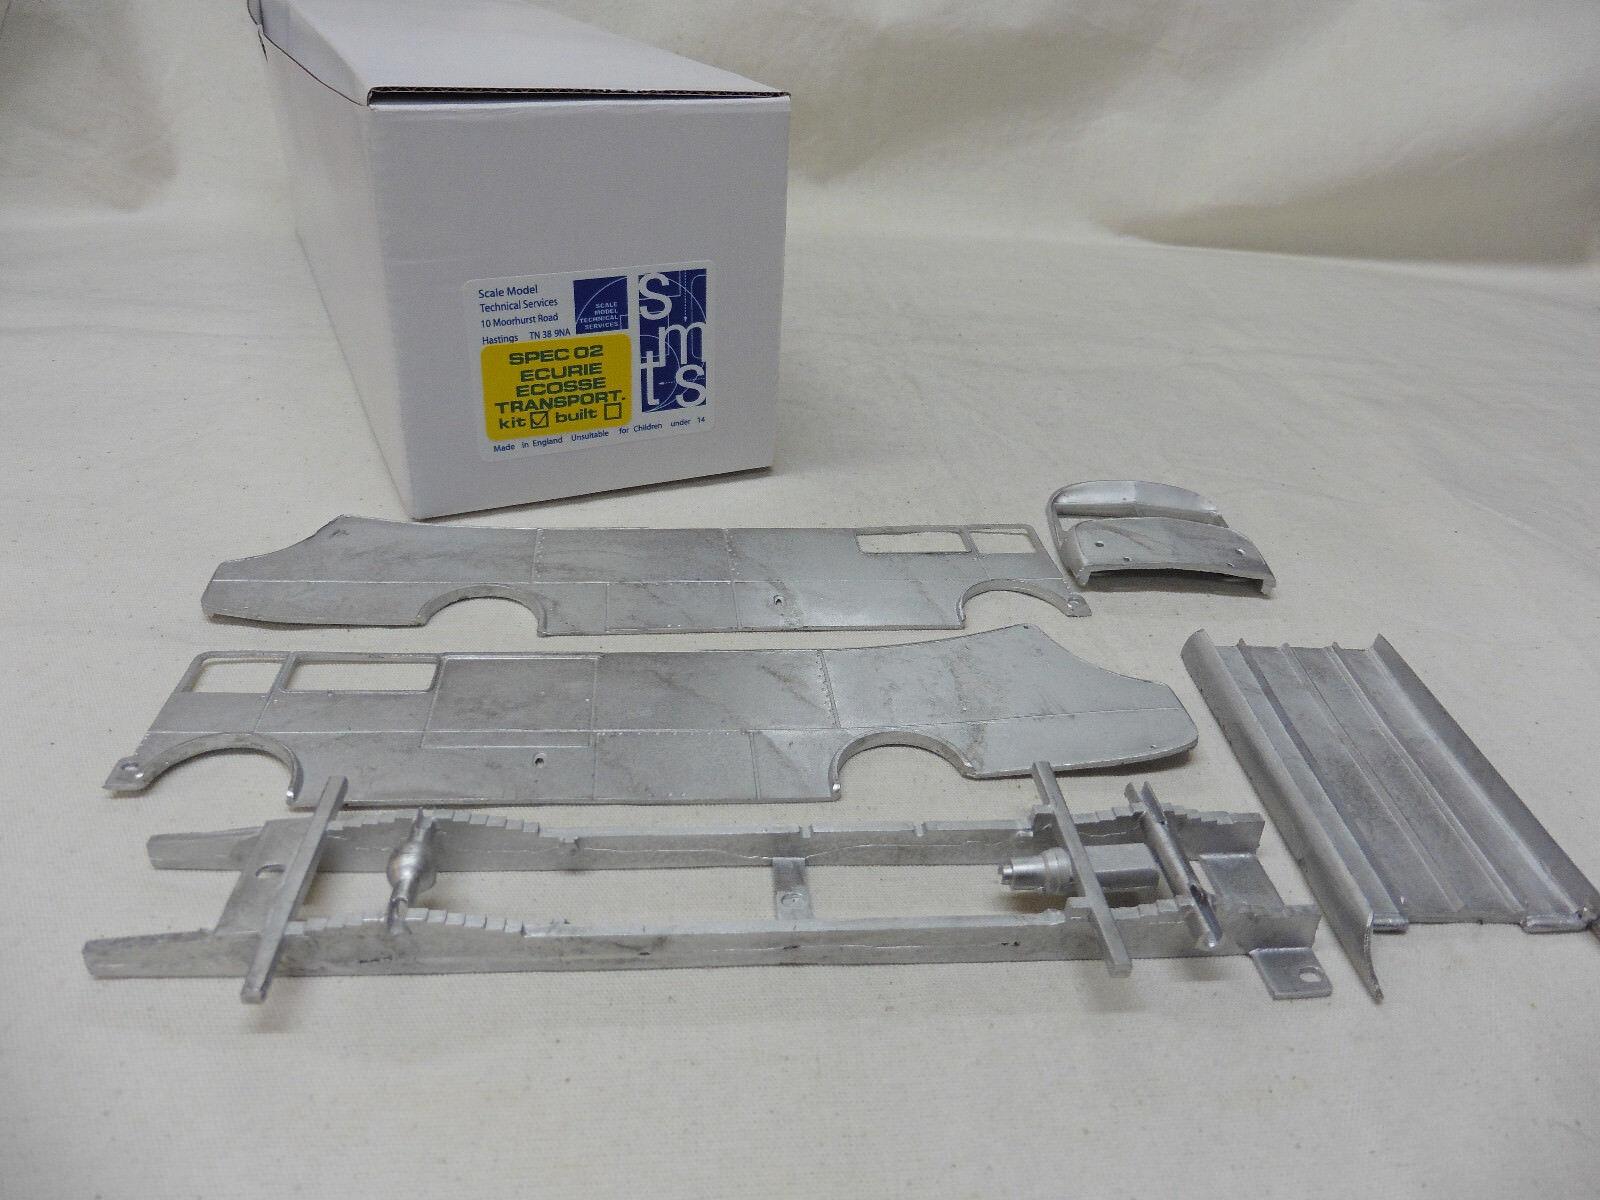 1 43 SP2K Ecurie Ecosse Transporter Kit by SMTS